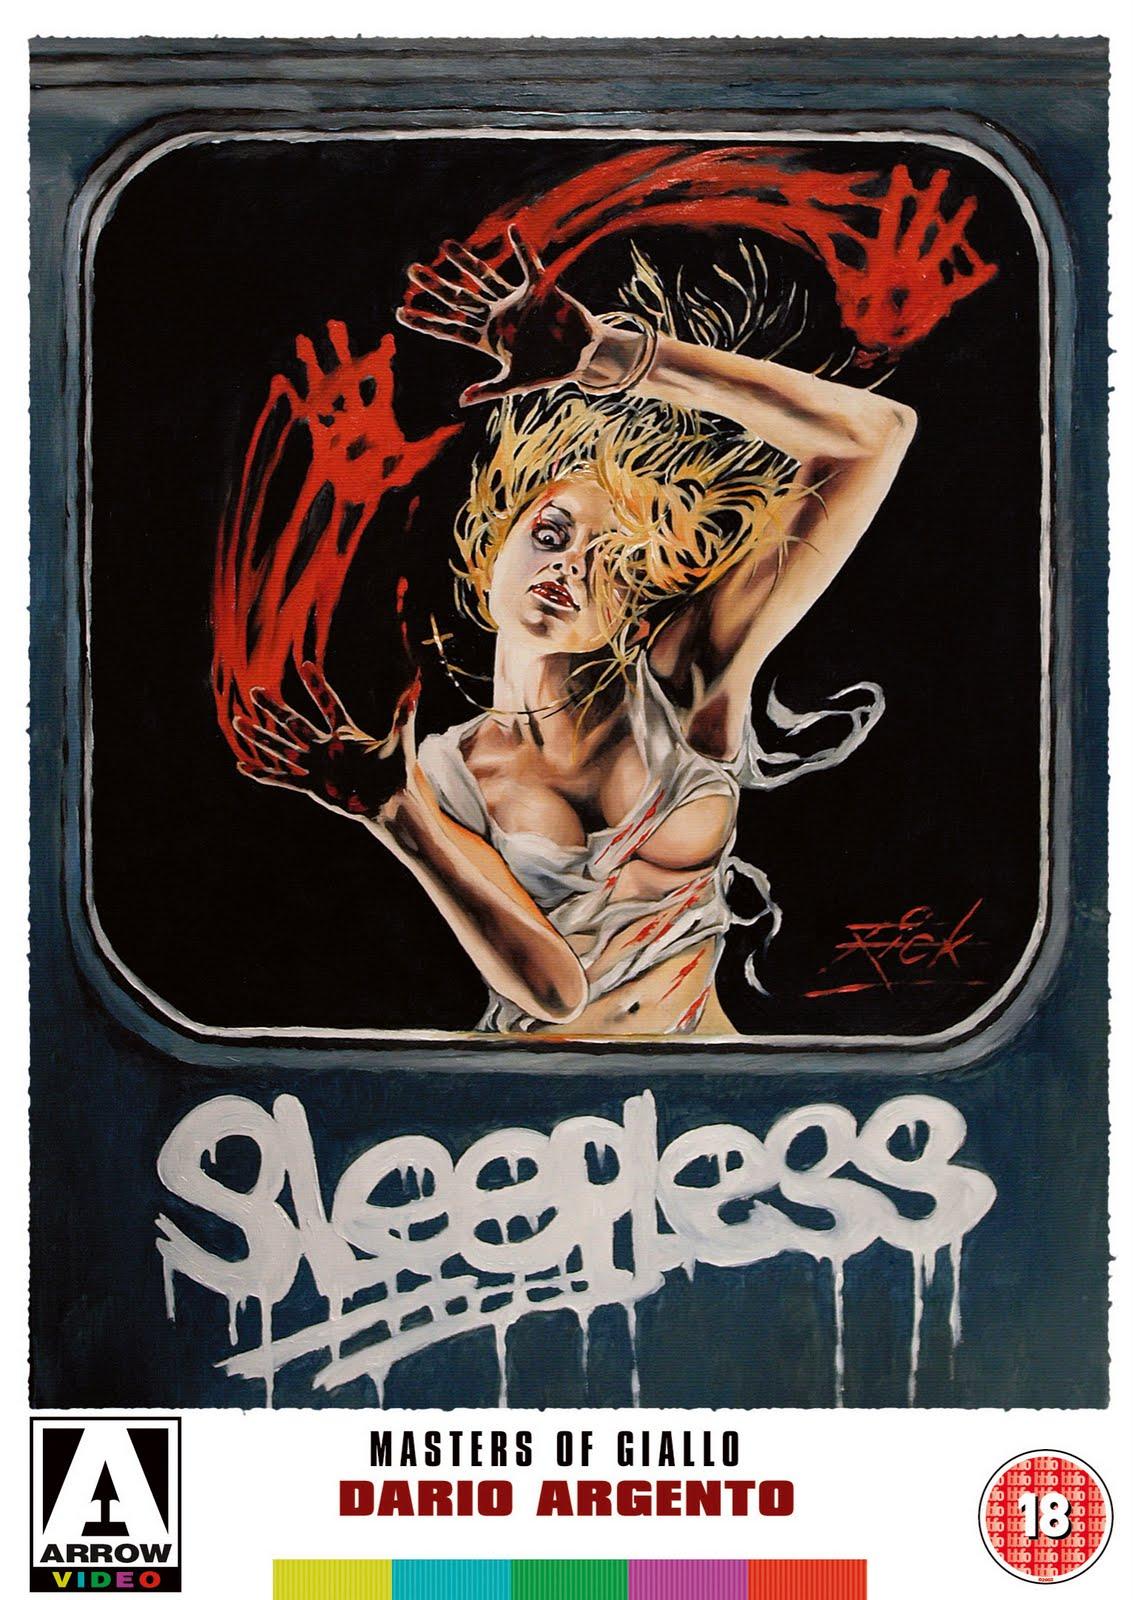 http://1.bp.blogspot.com/-ez5ic37Bir8/TWePQJs7I8I/AAAAAAAADHU/Qdb-E2sH8BY/s1600/FCD375_Sleepless_DVD.jpg